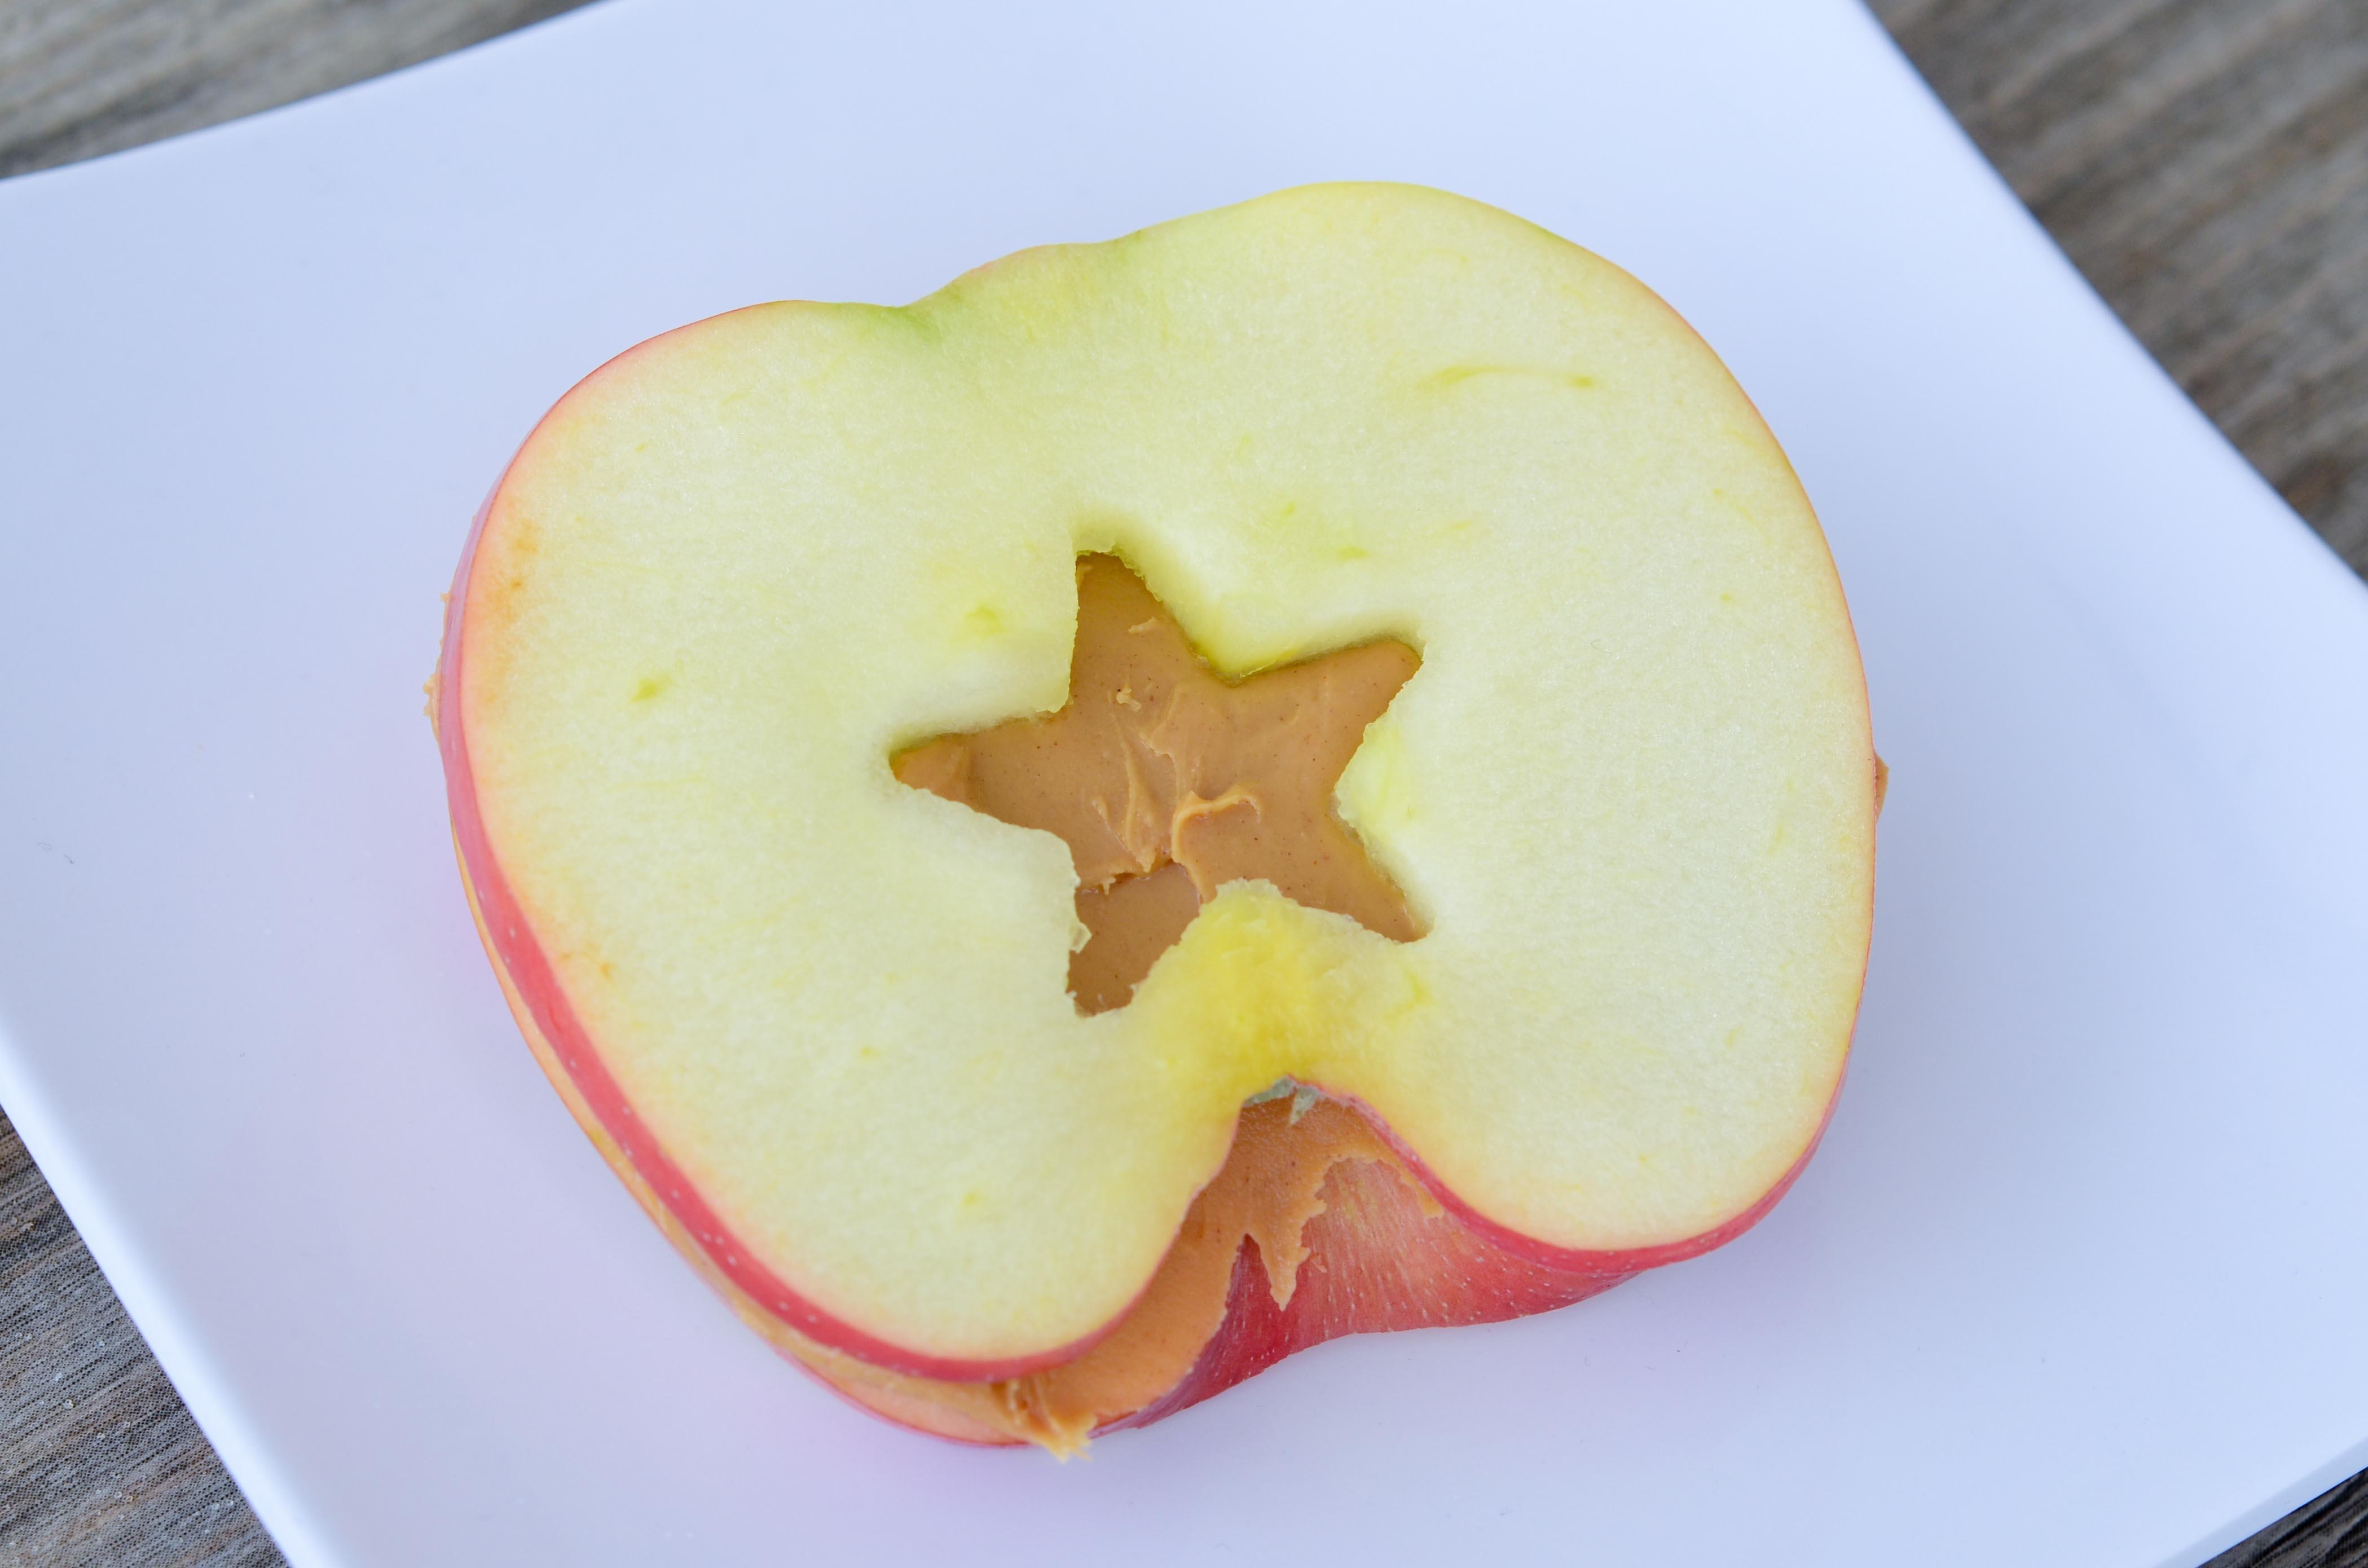 Apple & Peanut Butter Sandwich Snacks | Super Healthy Kids